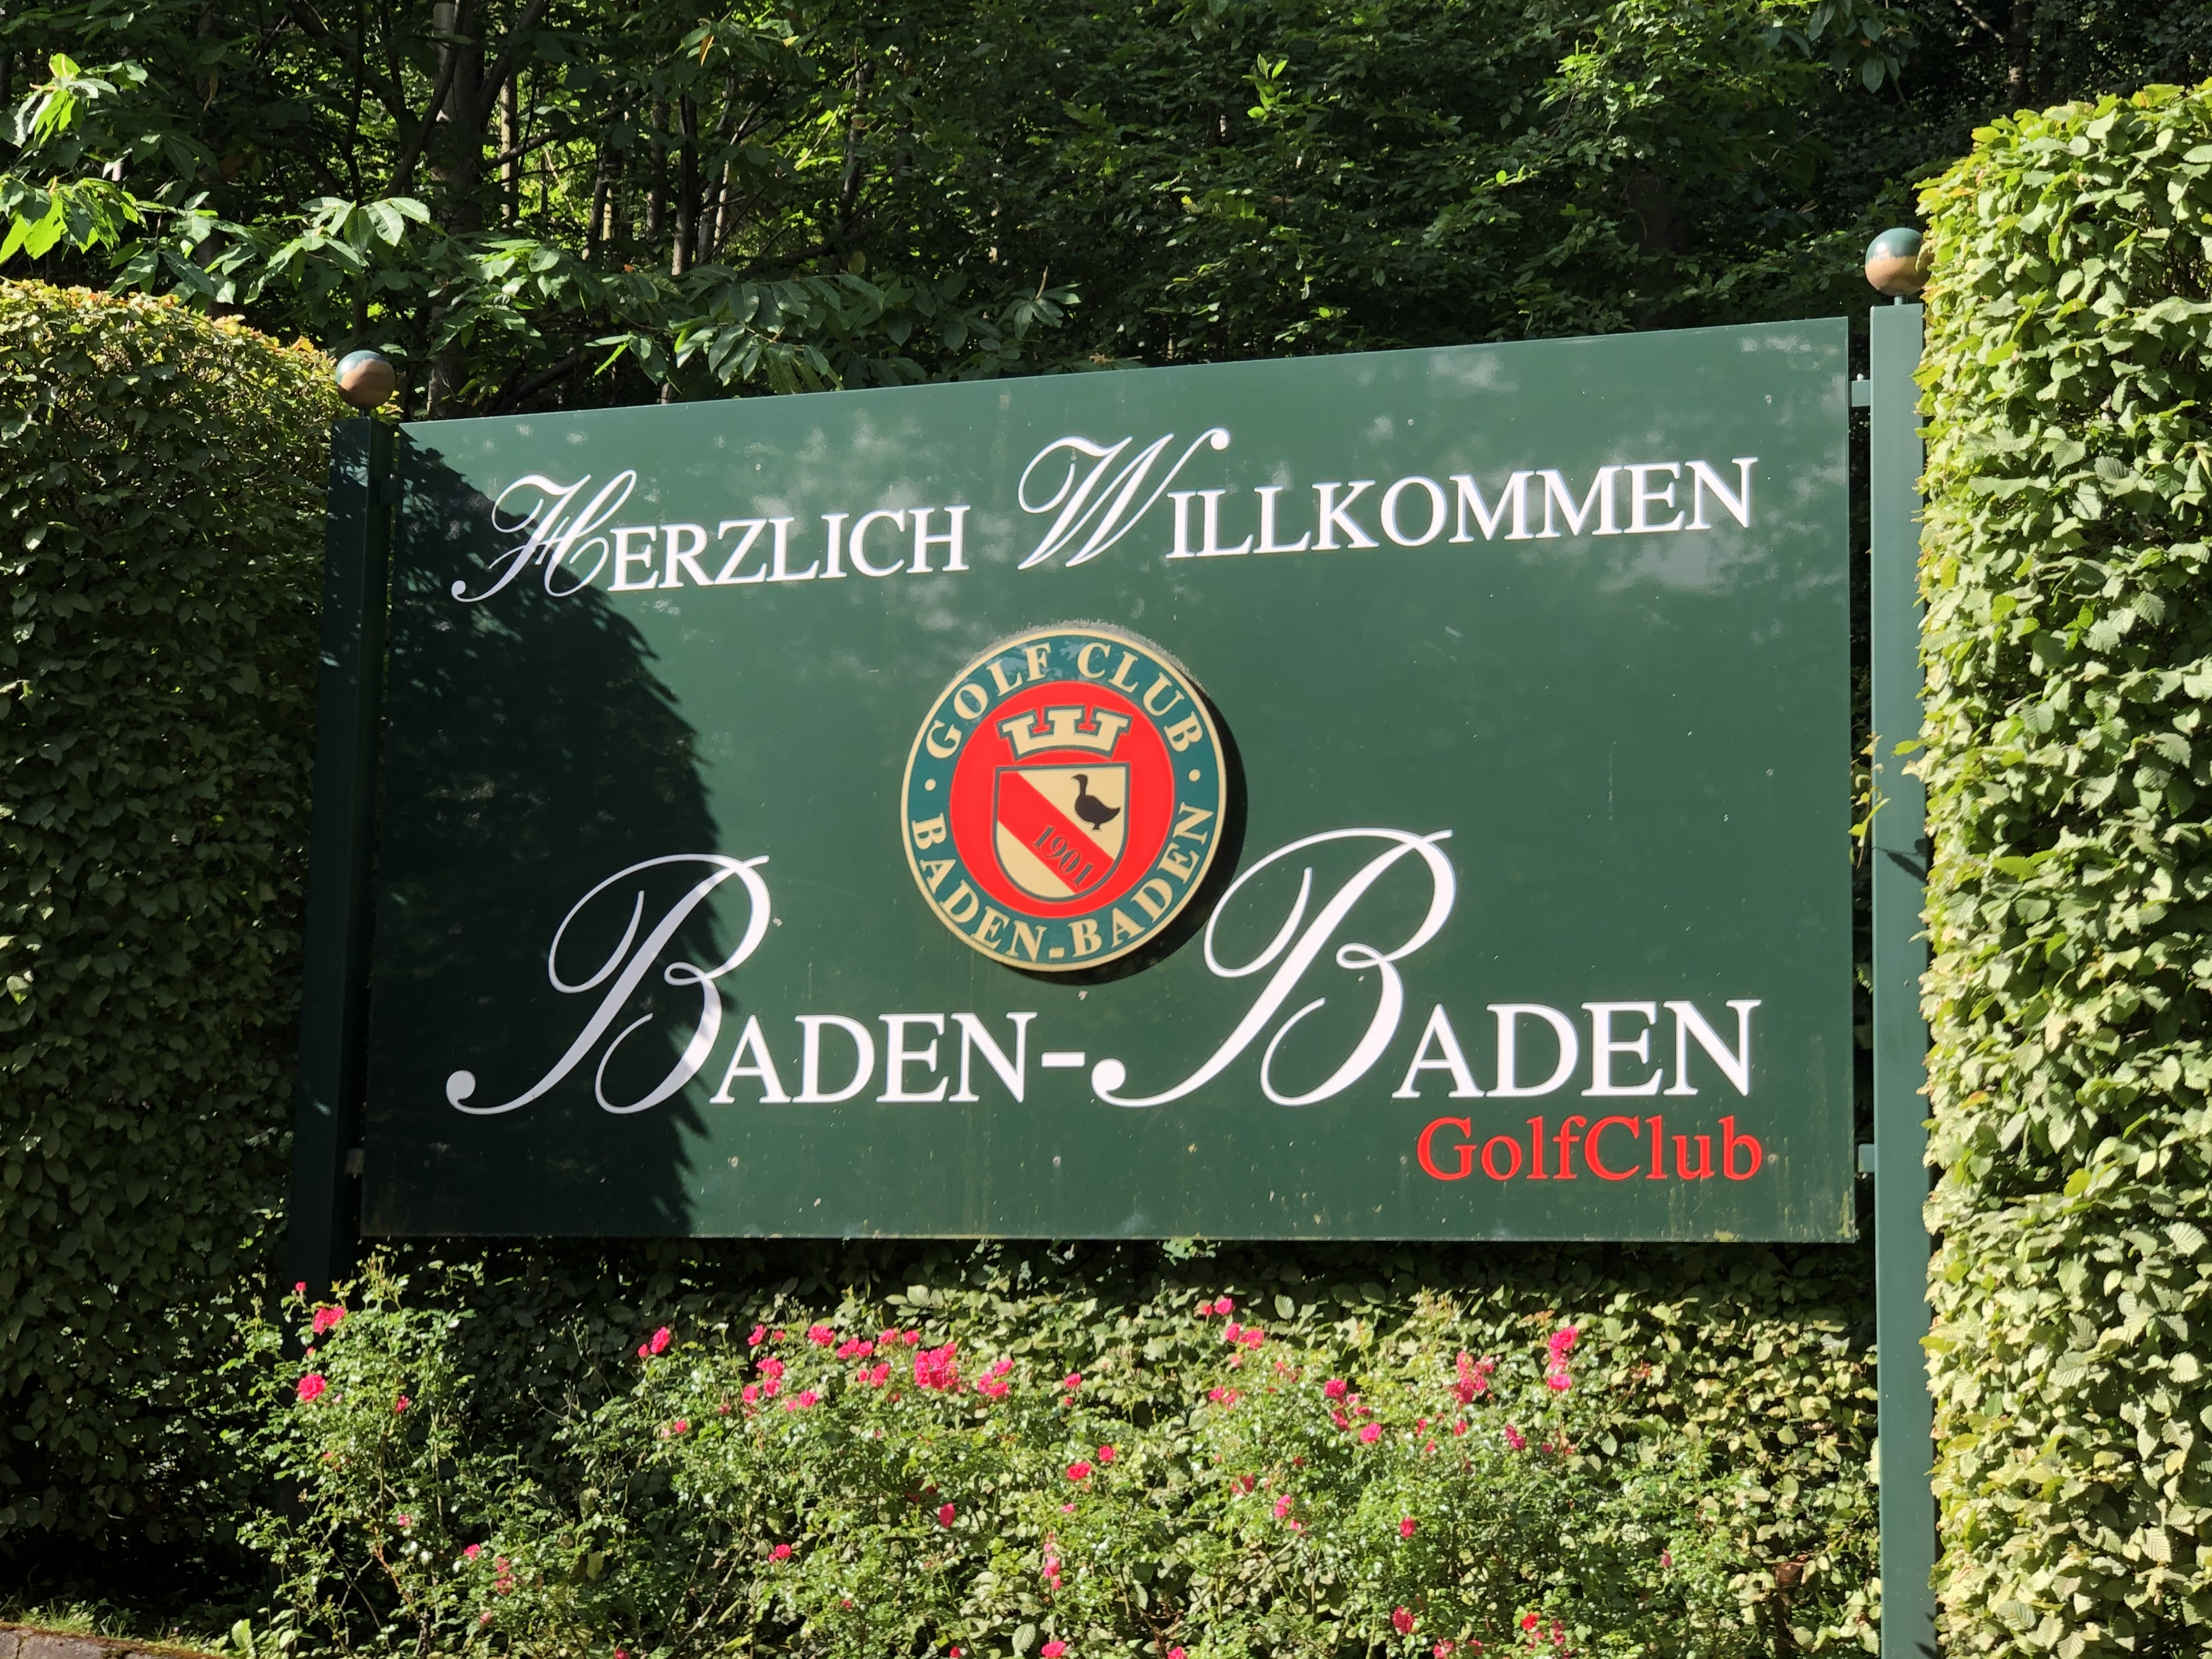 golf club sign